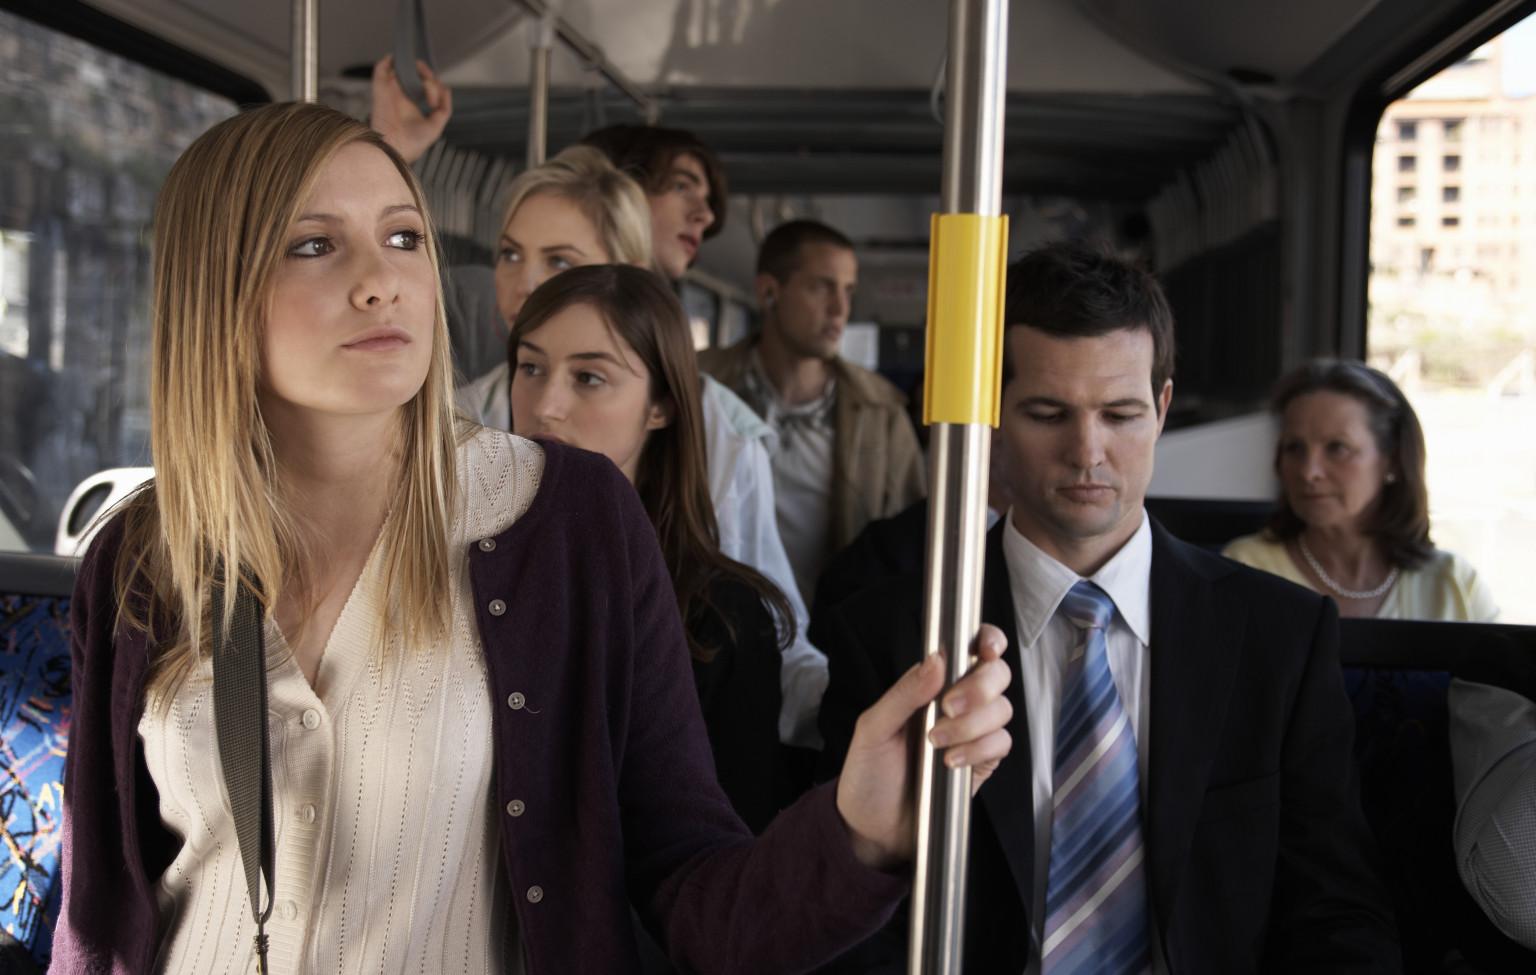 Реальные рассказы в автобусе 2 фотография